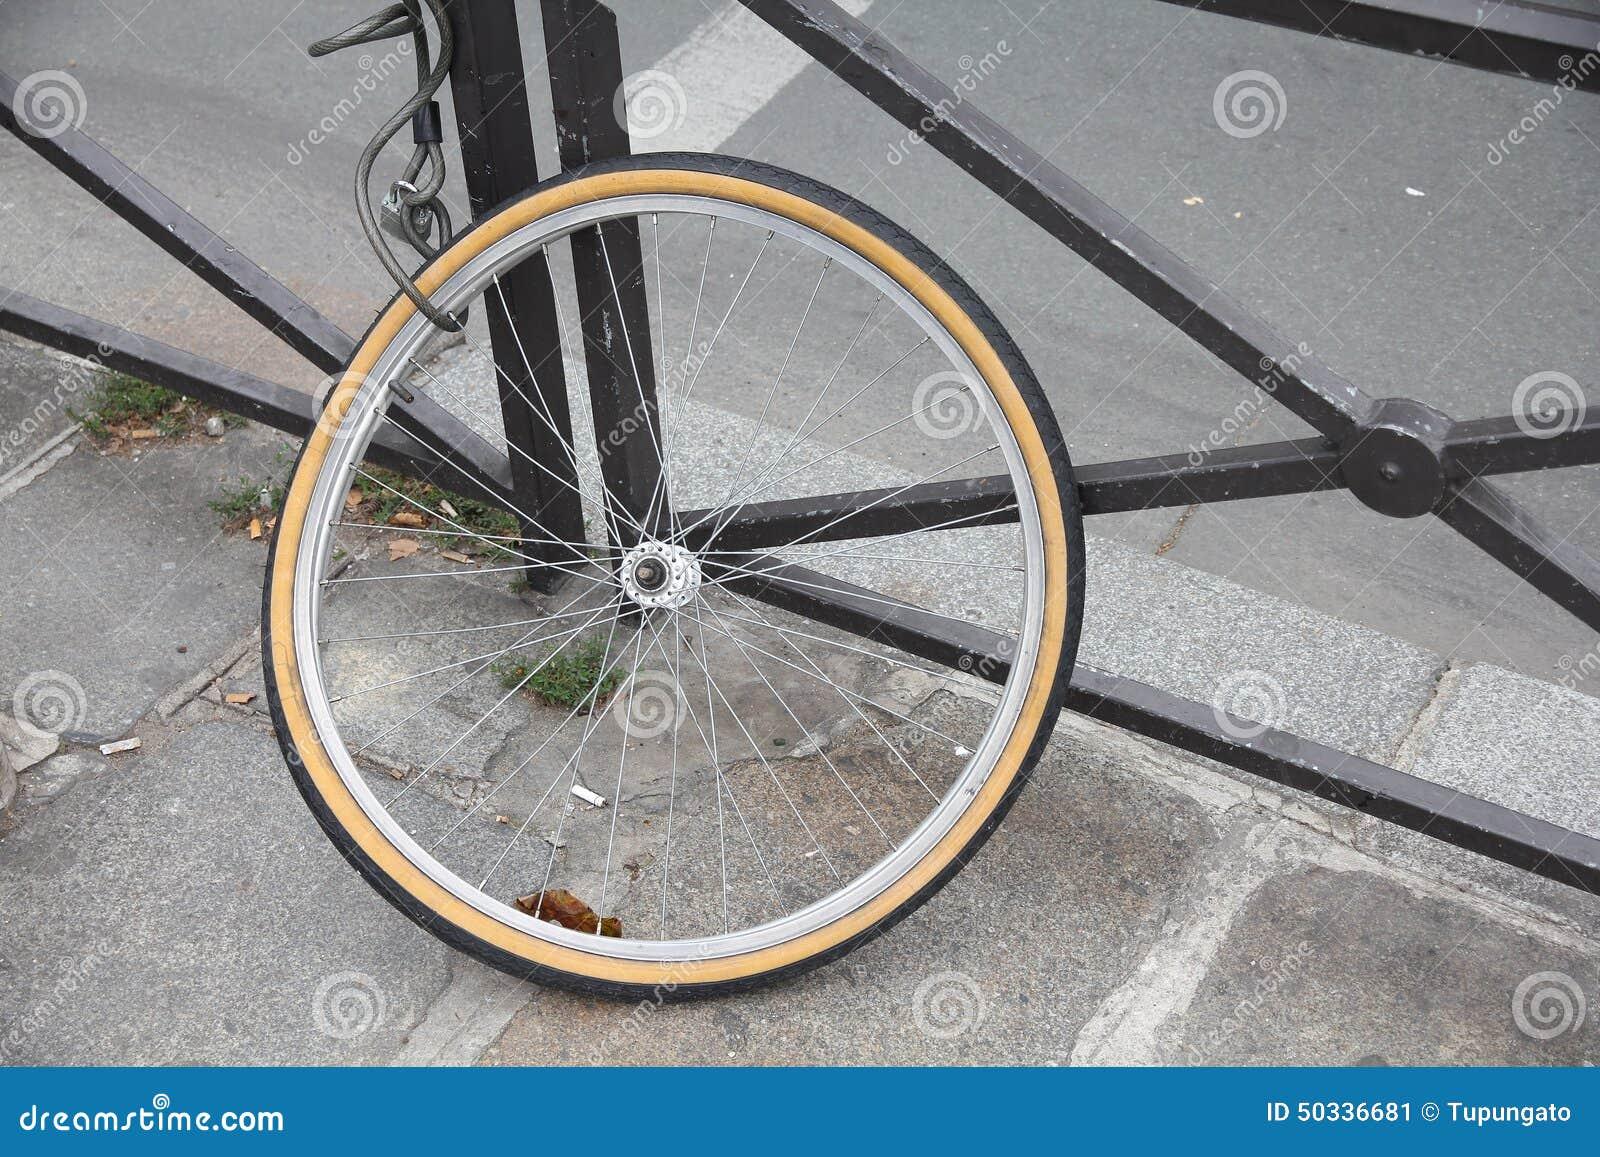 Stolen bicycle